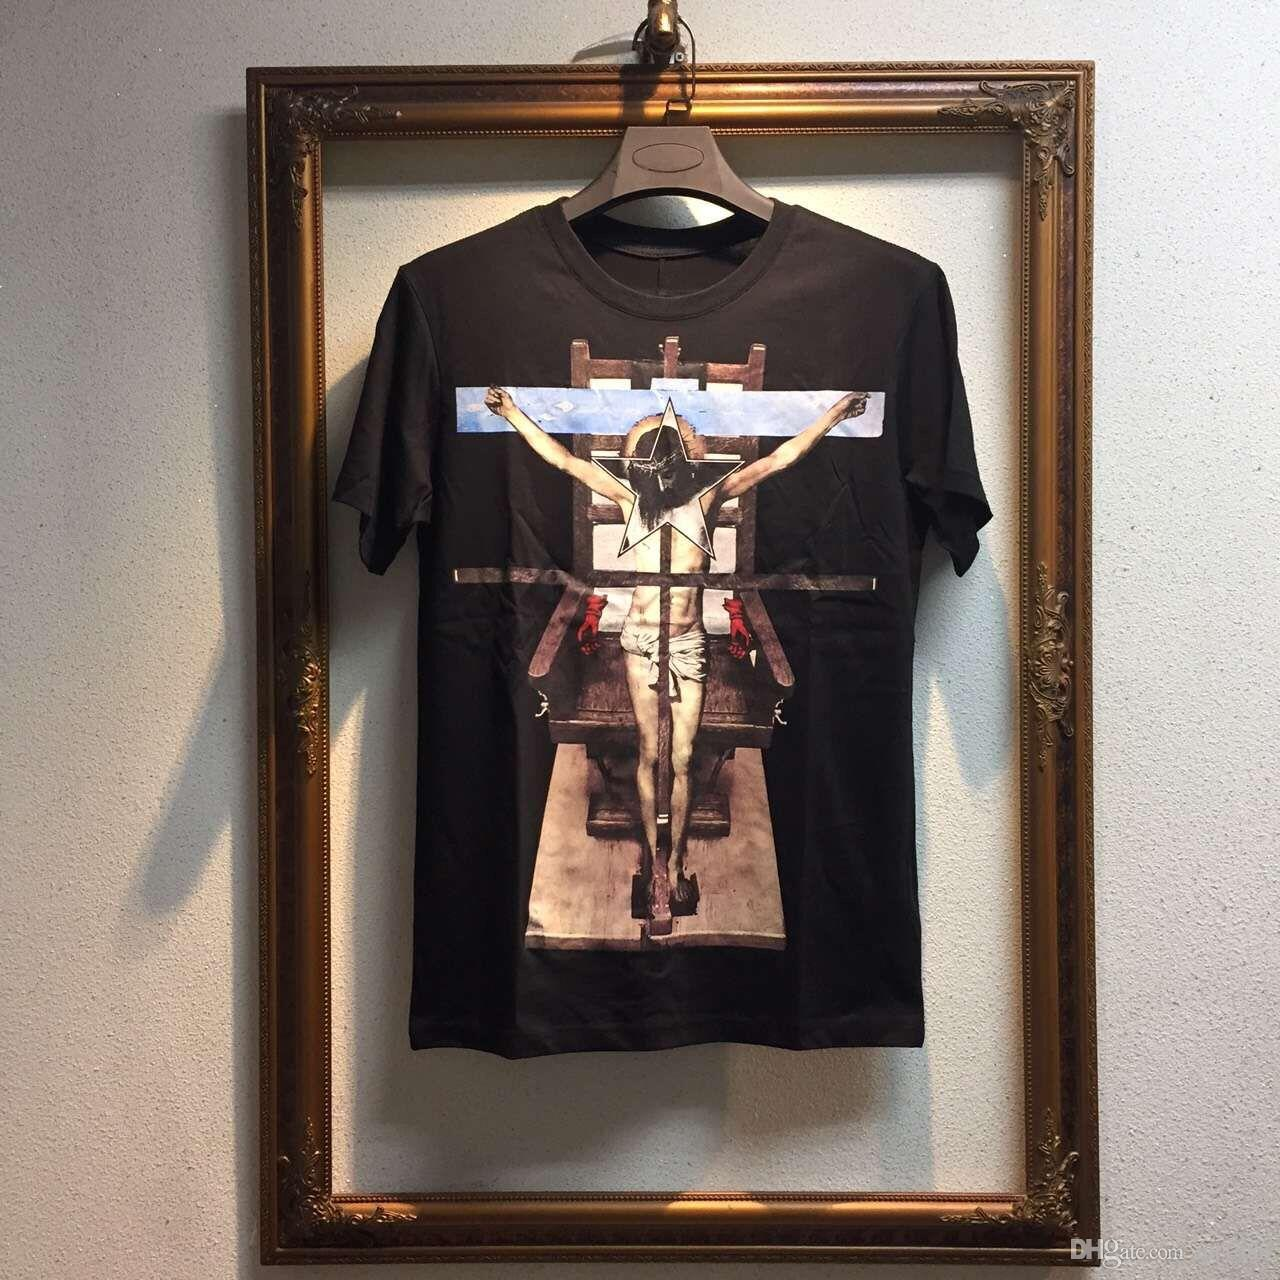 2016 أزياء رجالية الصليب يسوع الطباعة عارضة قصيرة الأكمام الرجال القميص ماركة الرجال القميص ، القطن عالية الجودة الملابس